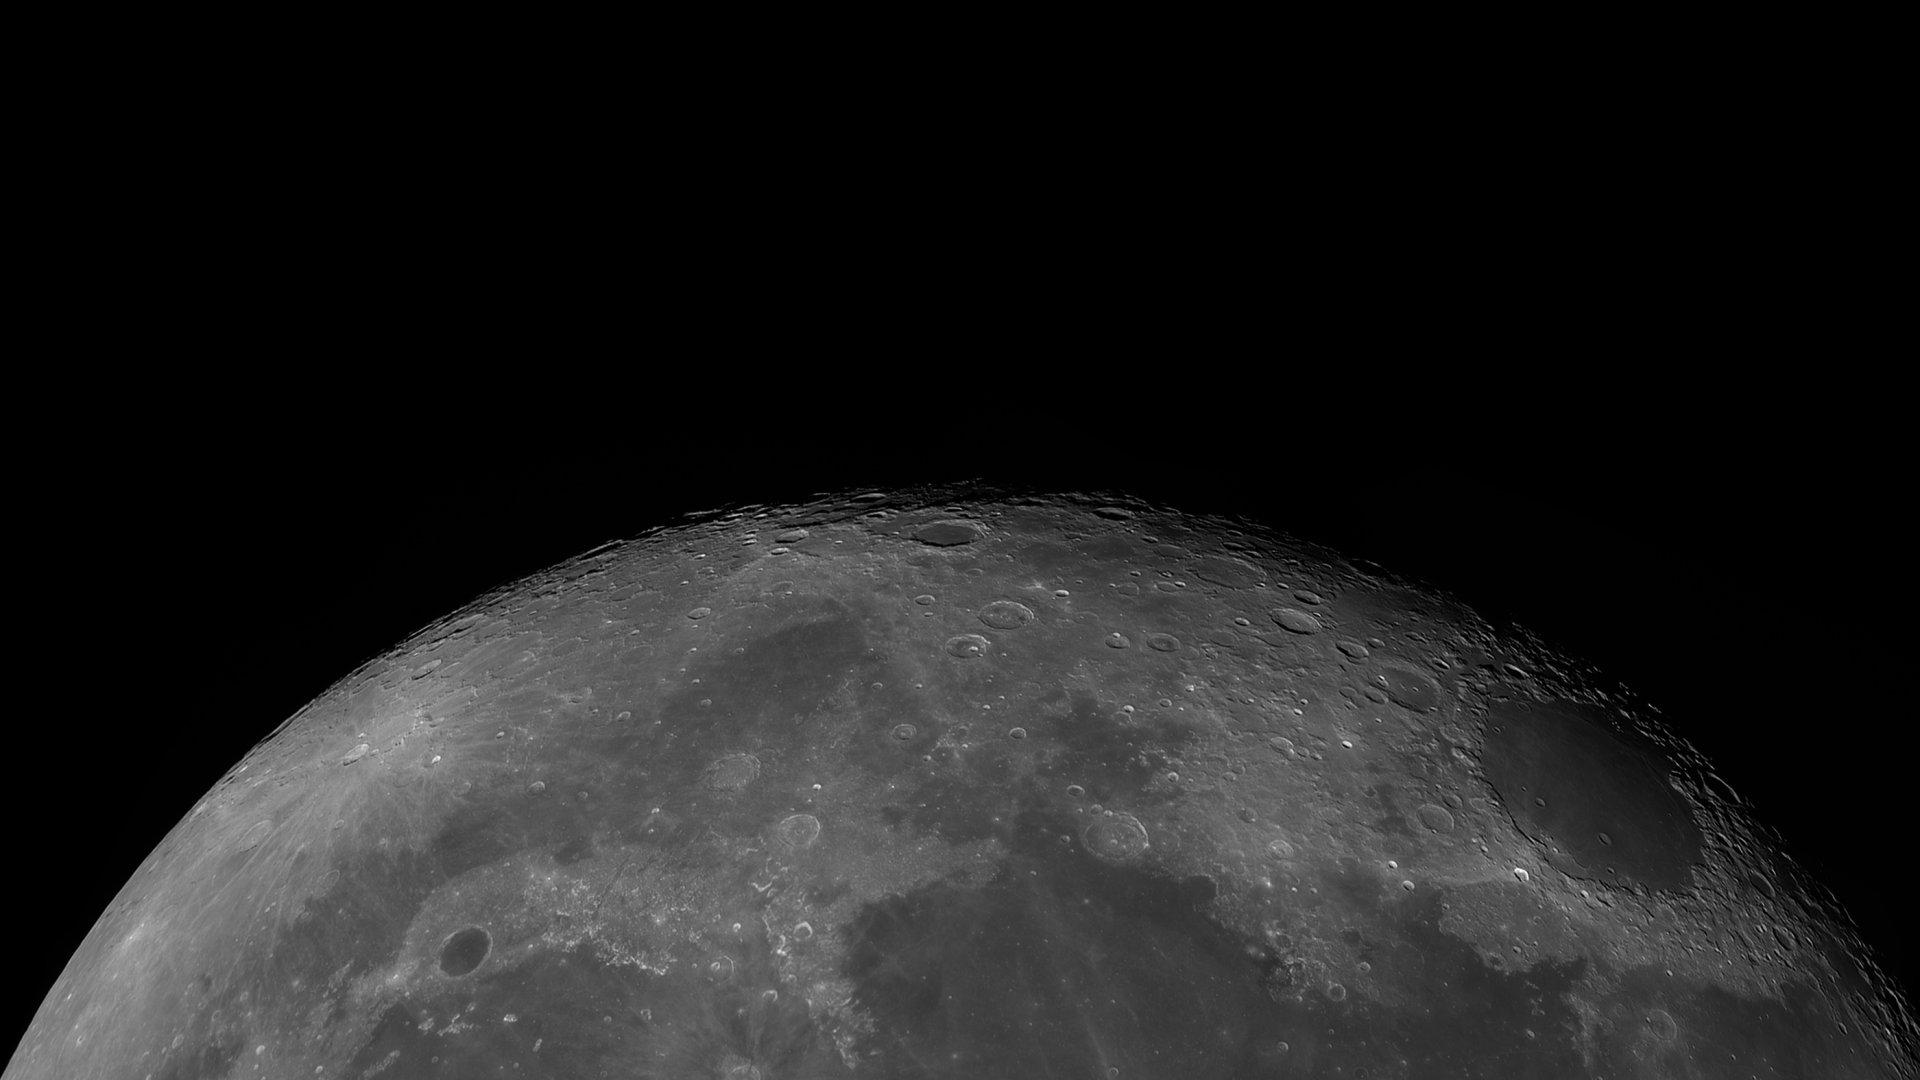 2019_11_13 - Mond-Panorama.jpg